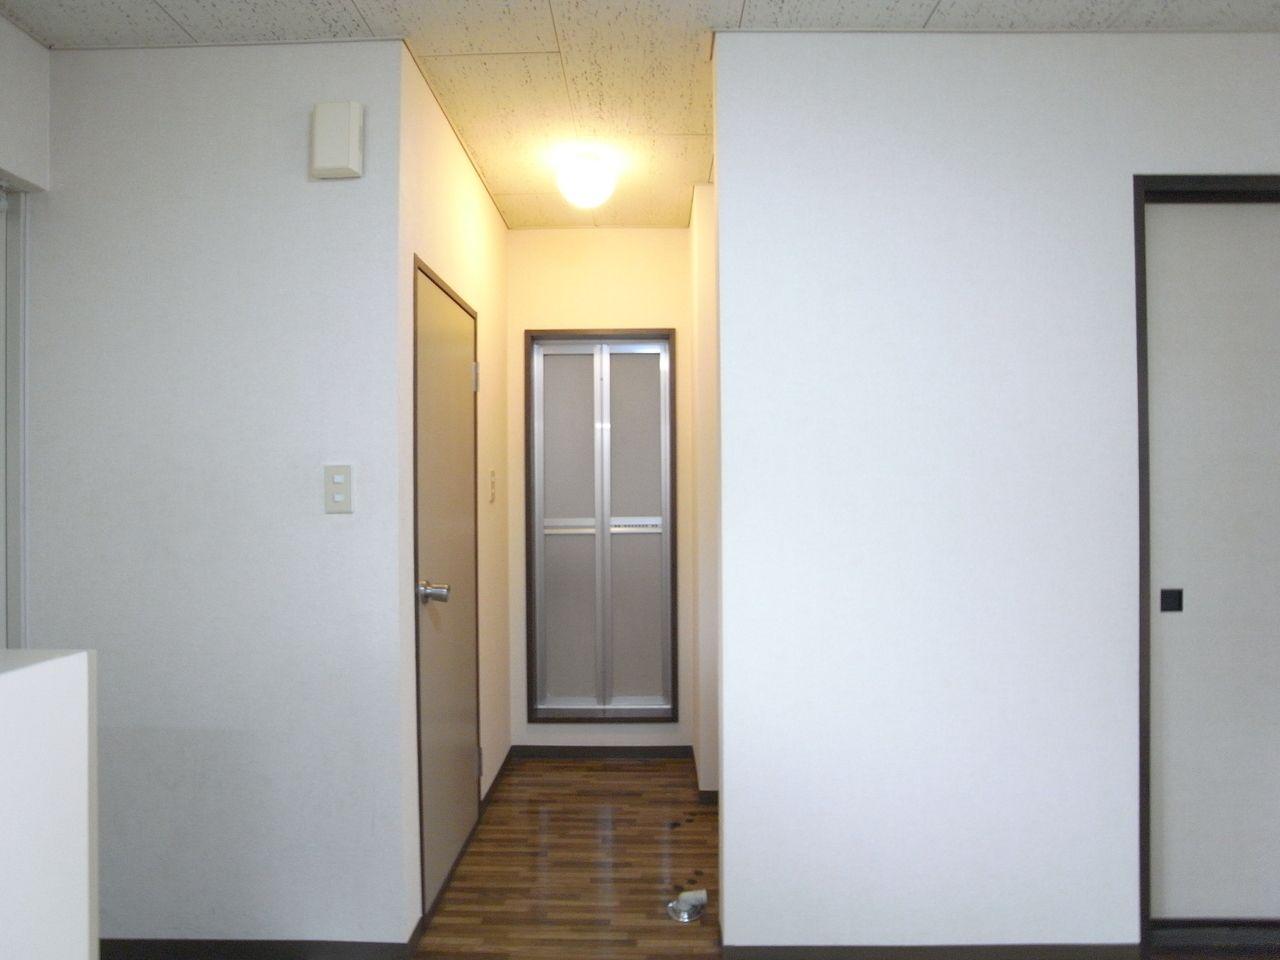 洗濯機置場、トイレ、奥にバスルームがあります